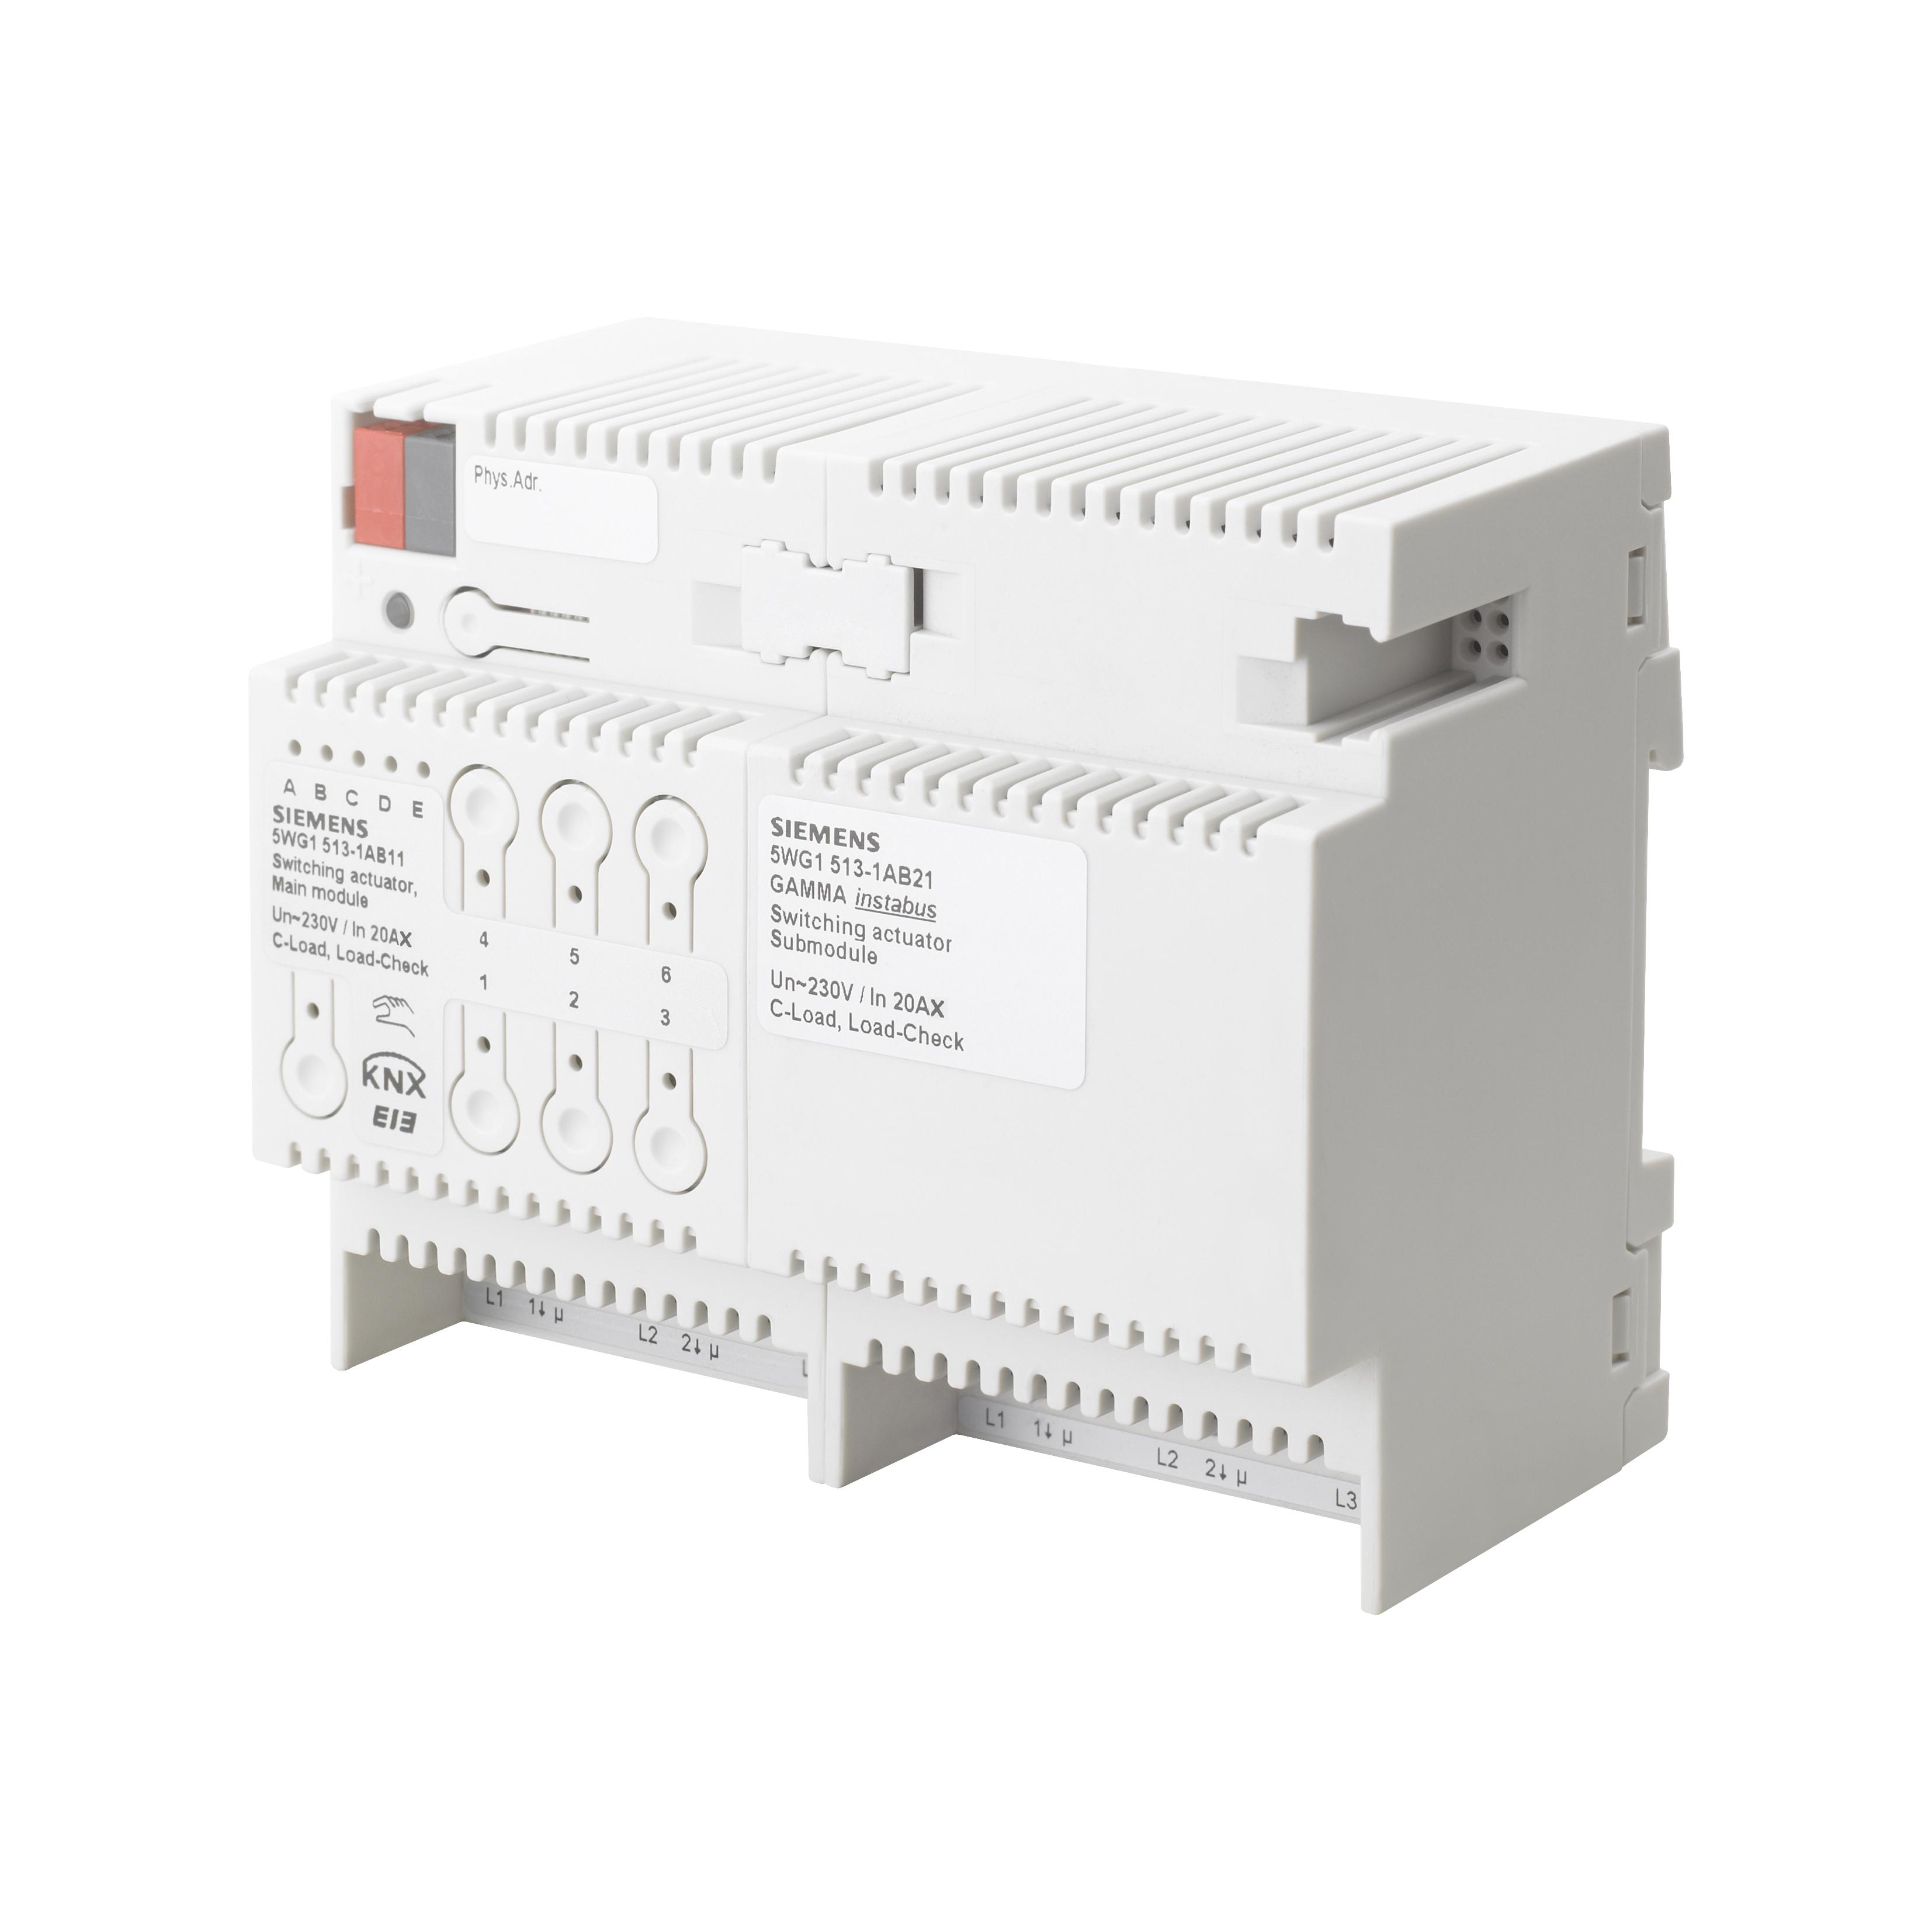 1 Stk Schaltaktor Erweiterungsmodul, 3 x AC 230/400 V, 20 AX KX5131AB21